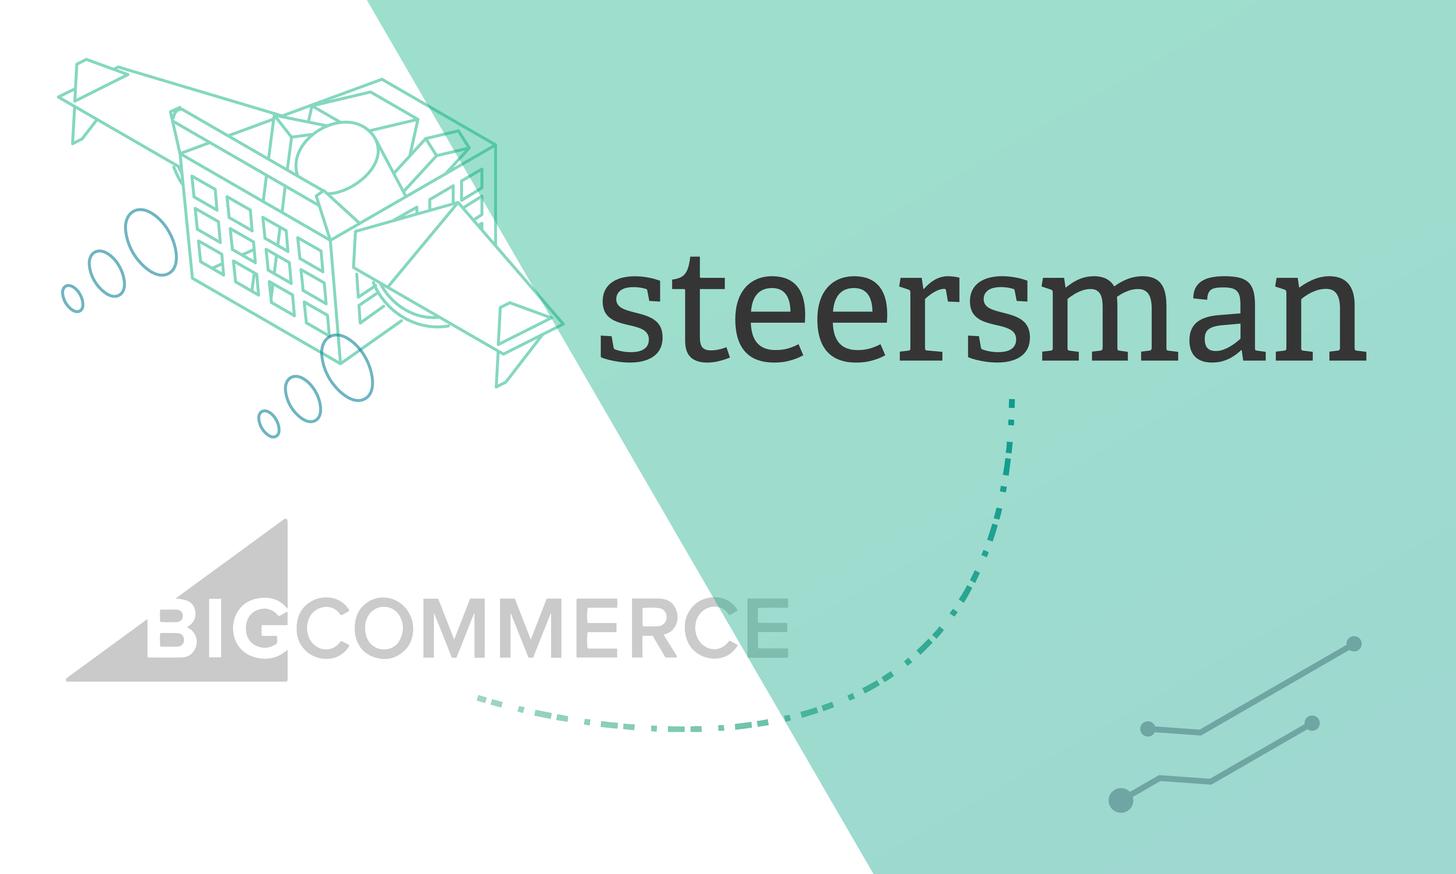 bigcommerce steersman migration.png